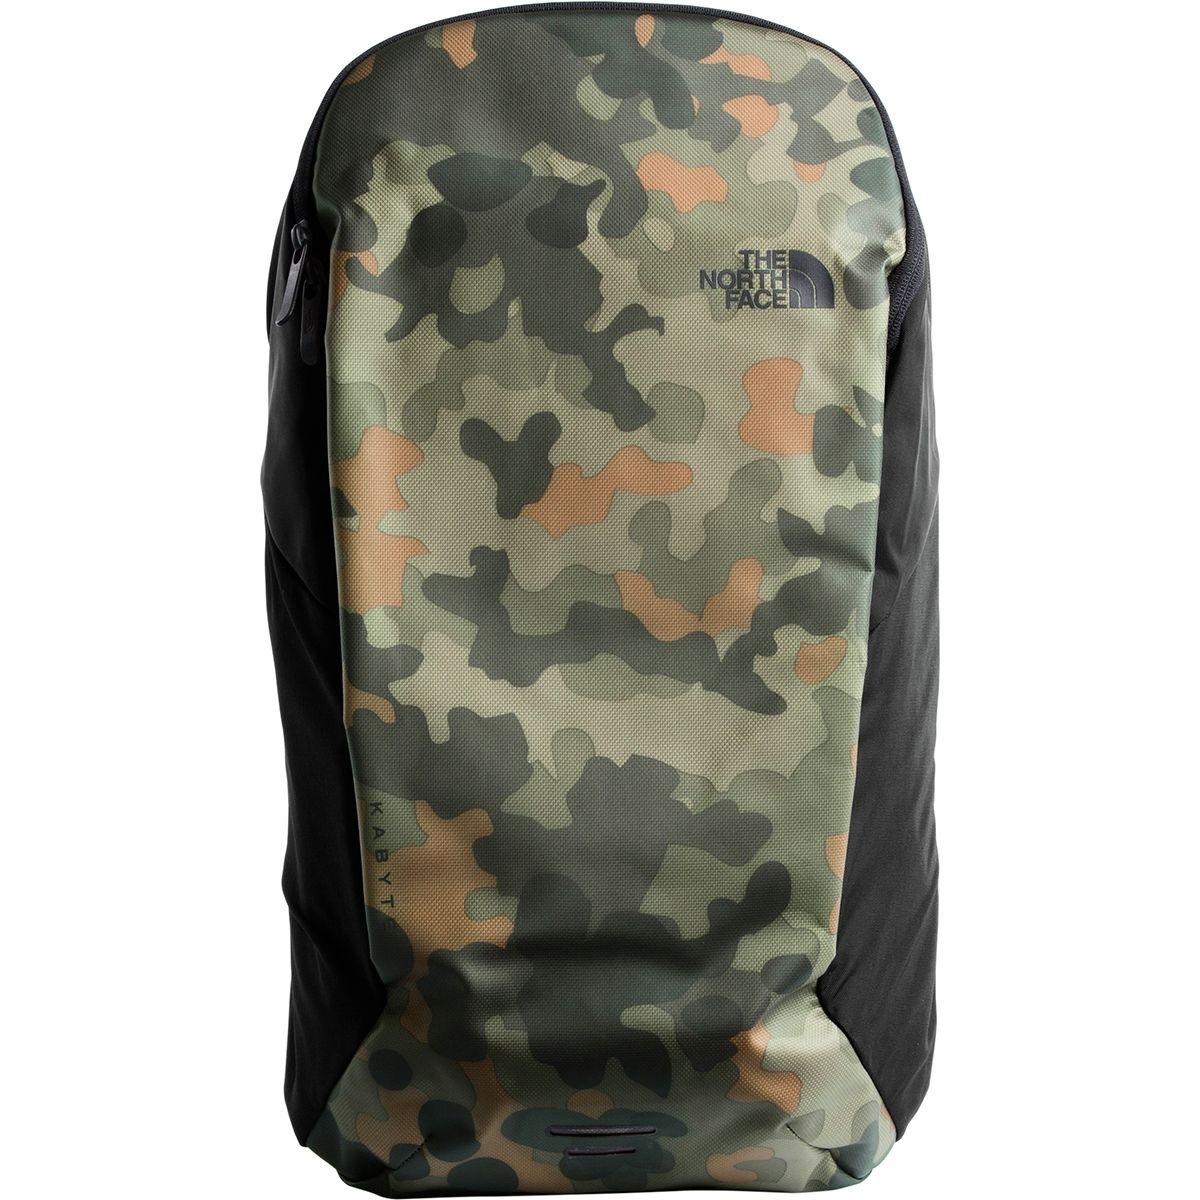 送料無料 THE NORTH FACE バックパック 海外限定 20L カモフラ 新品未使用 ノースフェイス KABYTE backpack アメリカ国内版 No.4